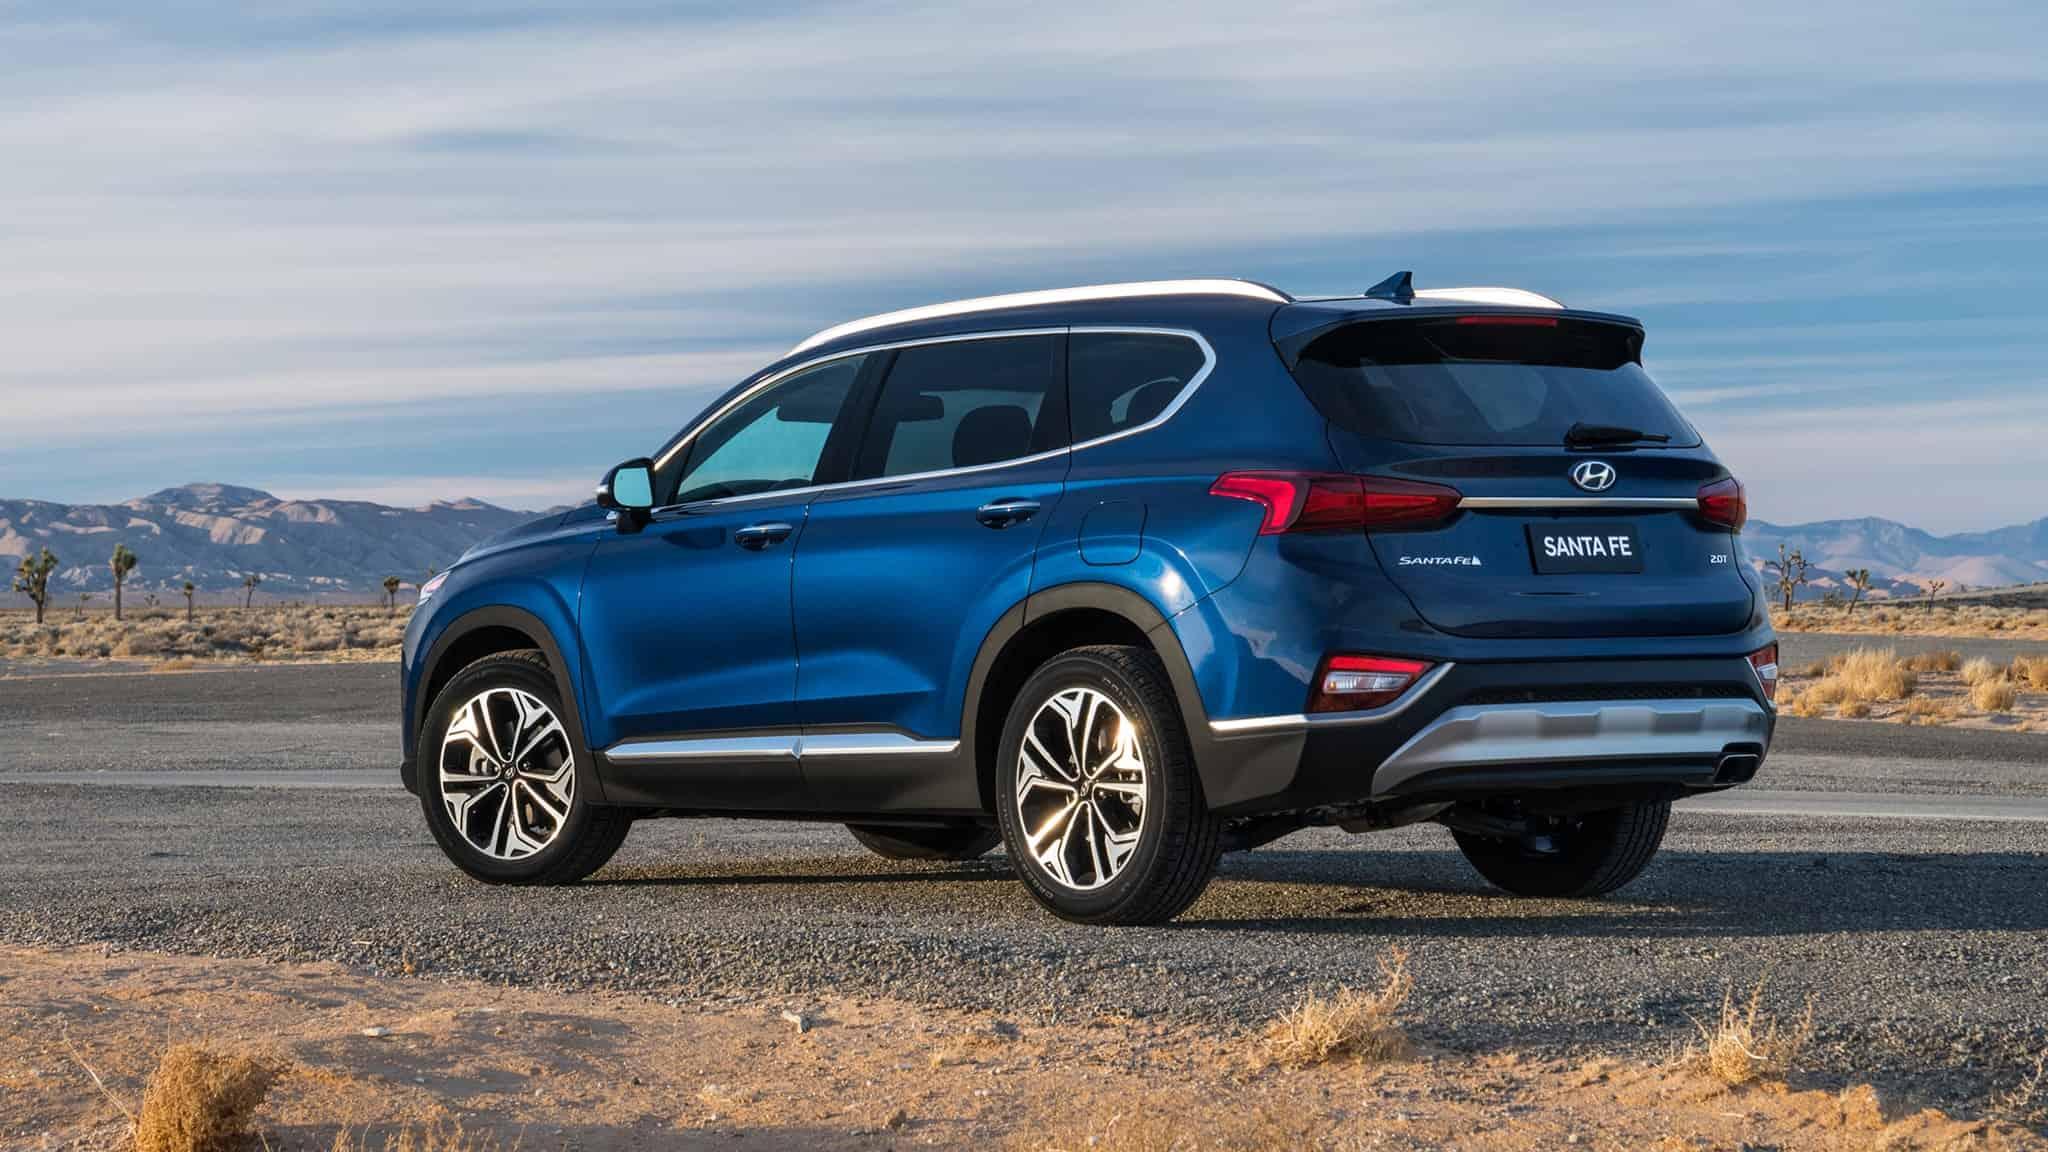 2019 Hyundai Santa Fe 186